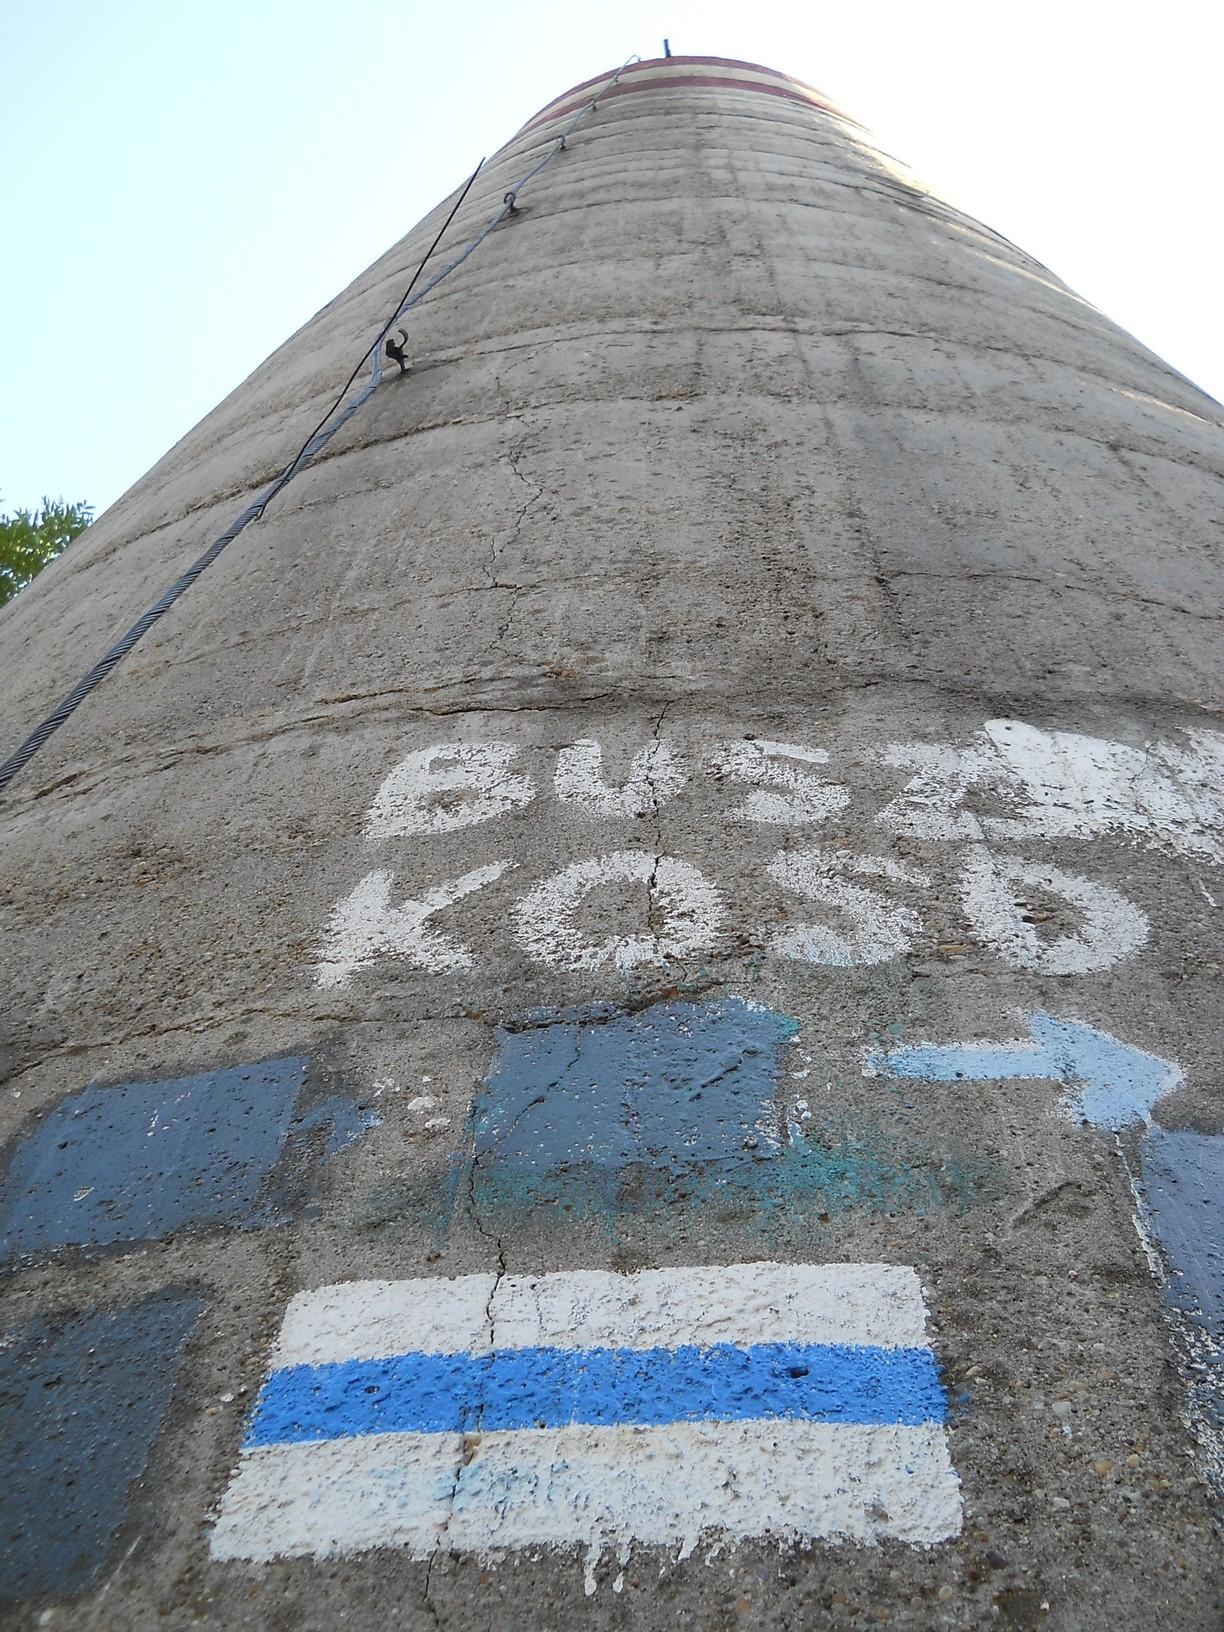 Geodéziai mérőtorony a Naszály 652 méter magas csúcsán. Felmenni tilos és életveszélyes, így a panorámától el kellett tekintenem